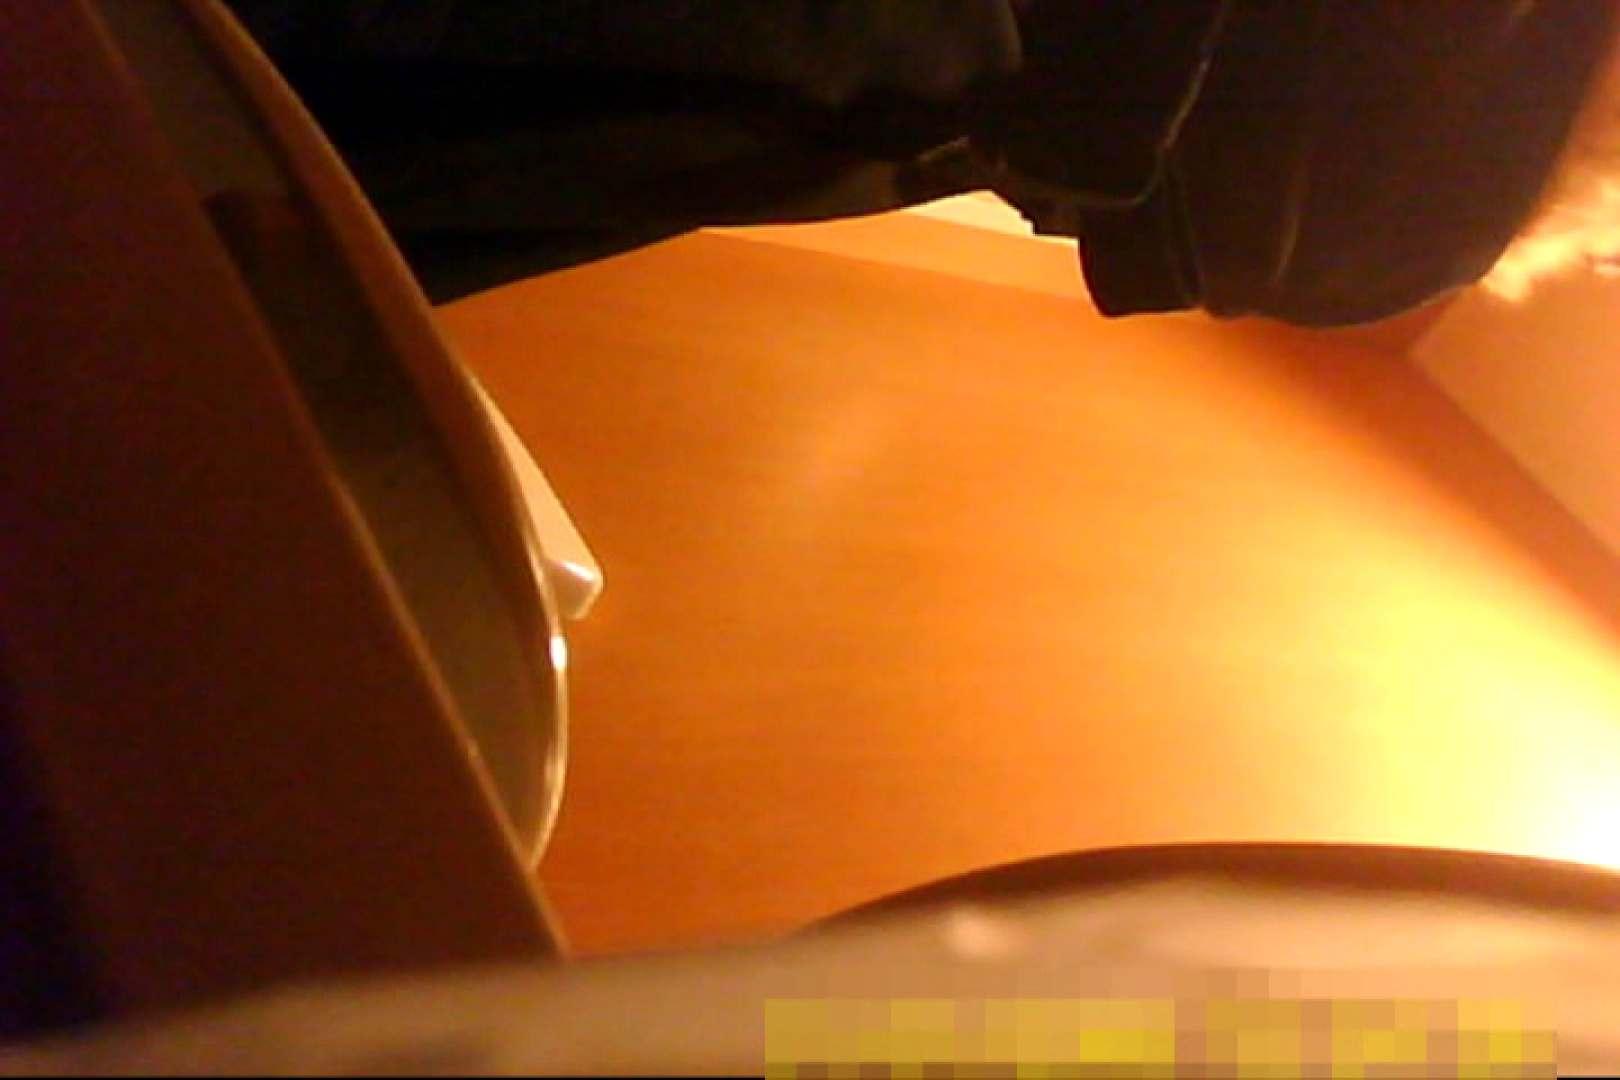 魅惑の化粧室~禁断のプライベート空間~vol.7 OLのエッチ 盗撮動画紹介 79pic 17